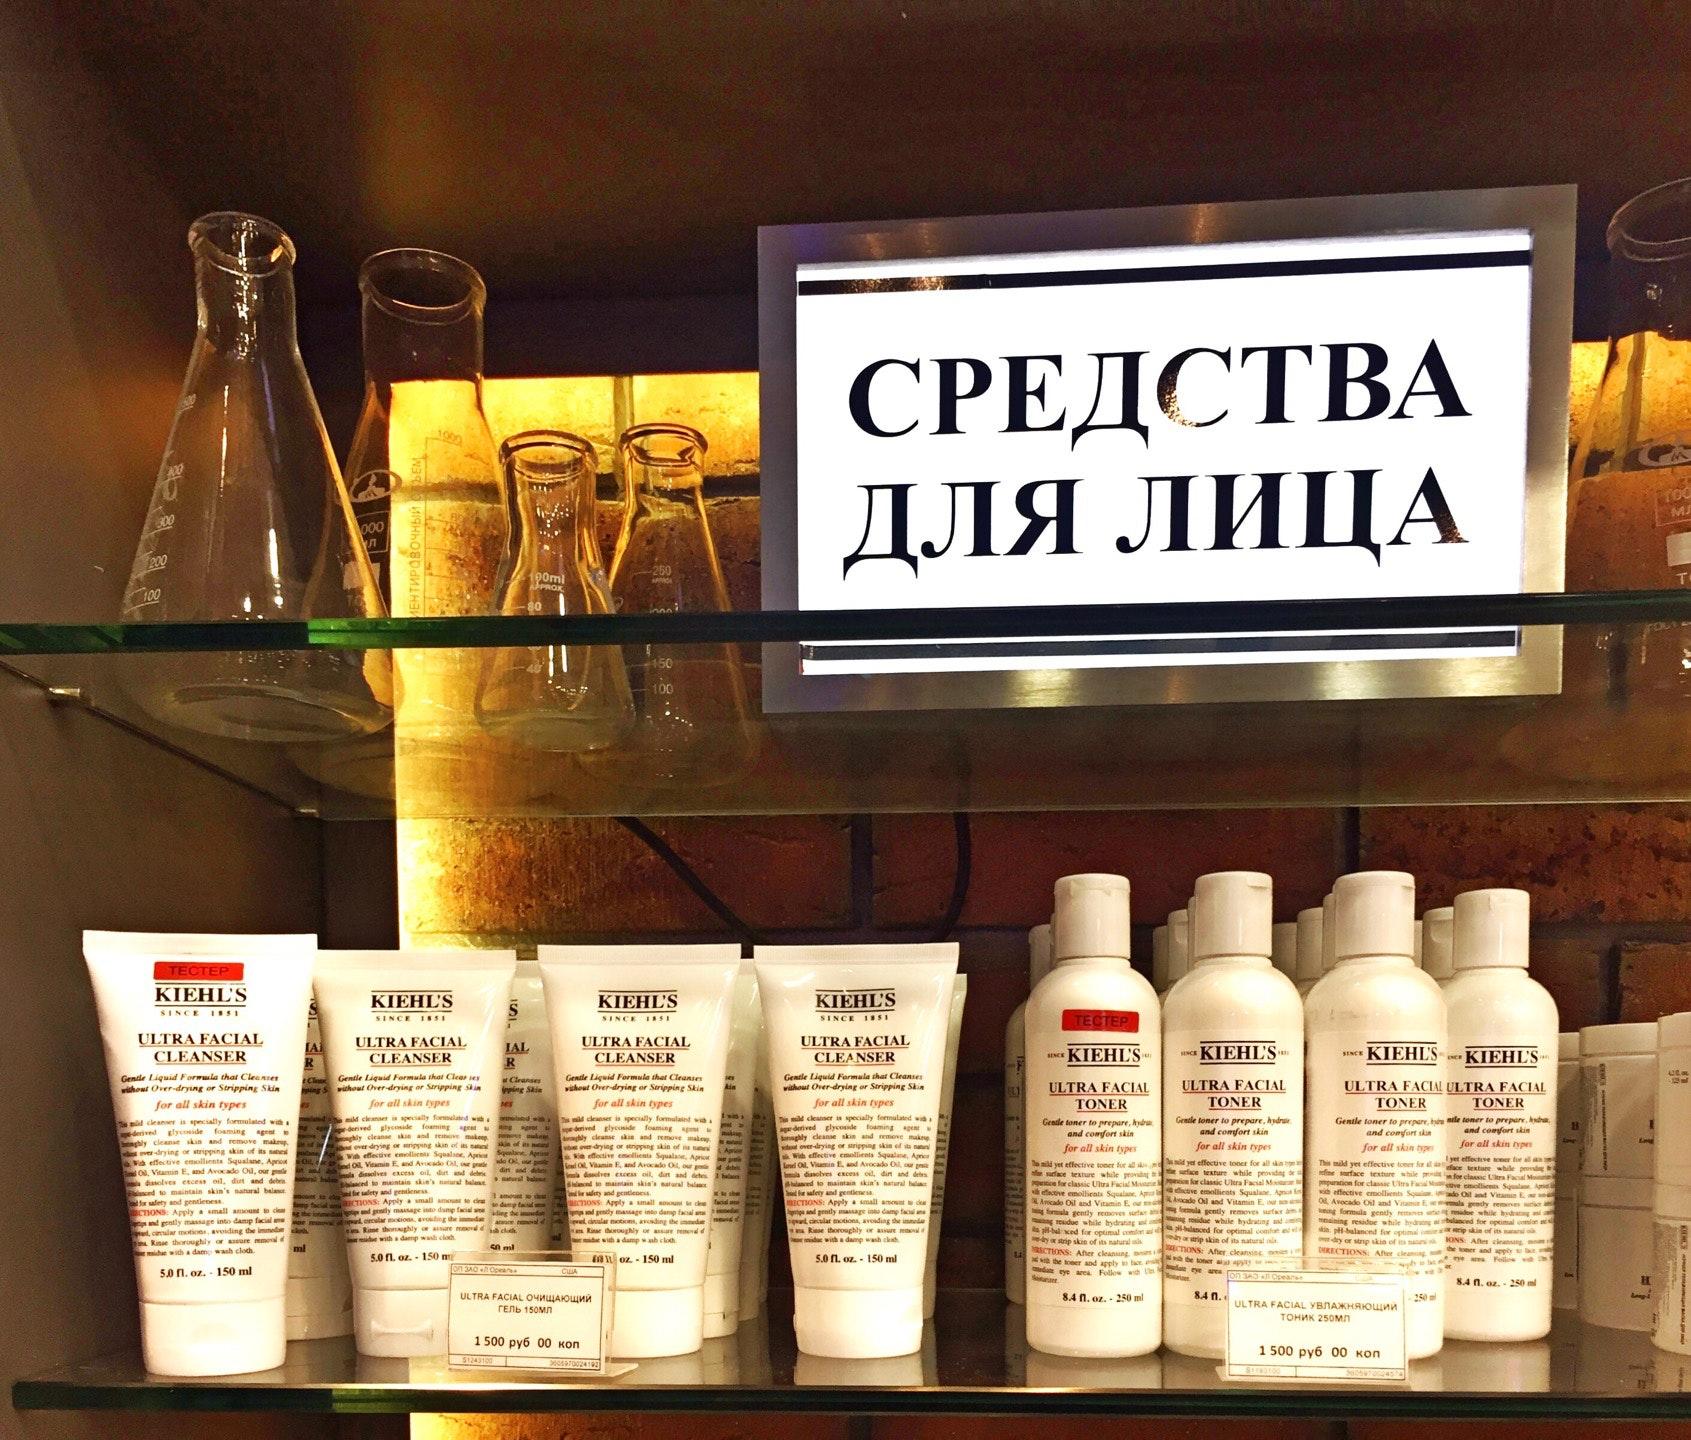 ленинградская косметика купить в москве